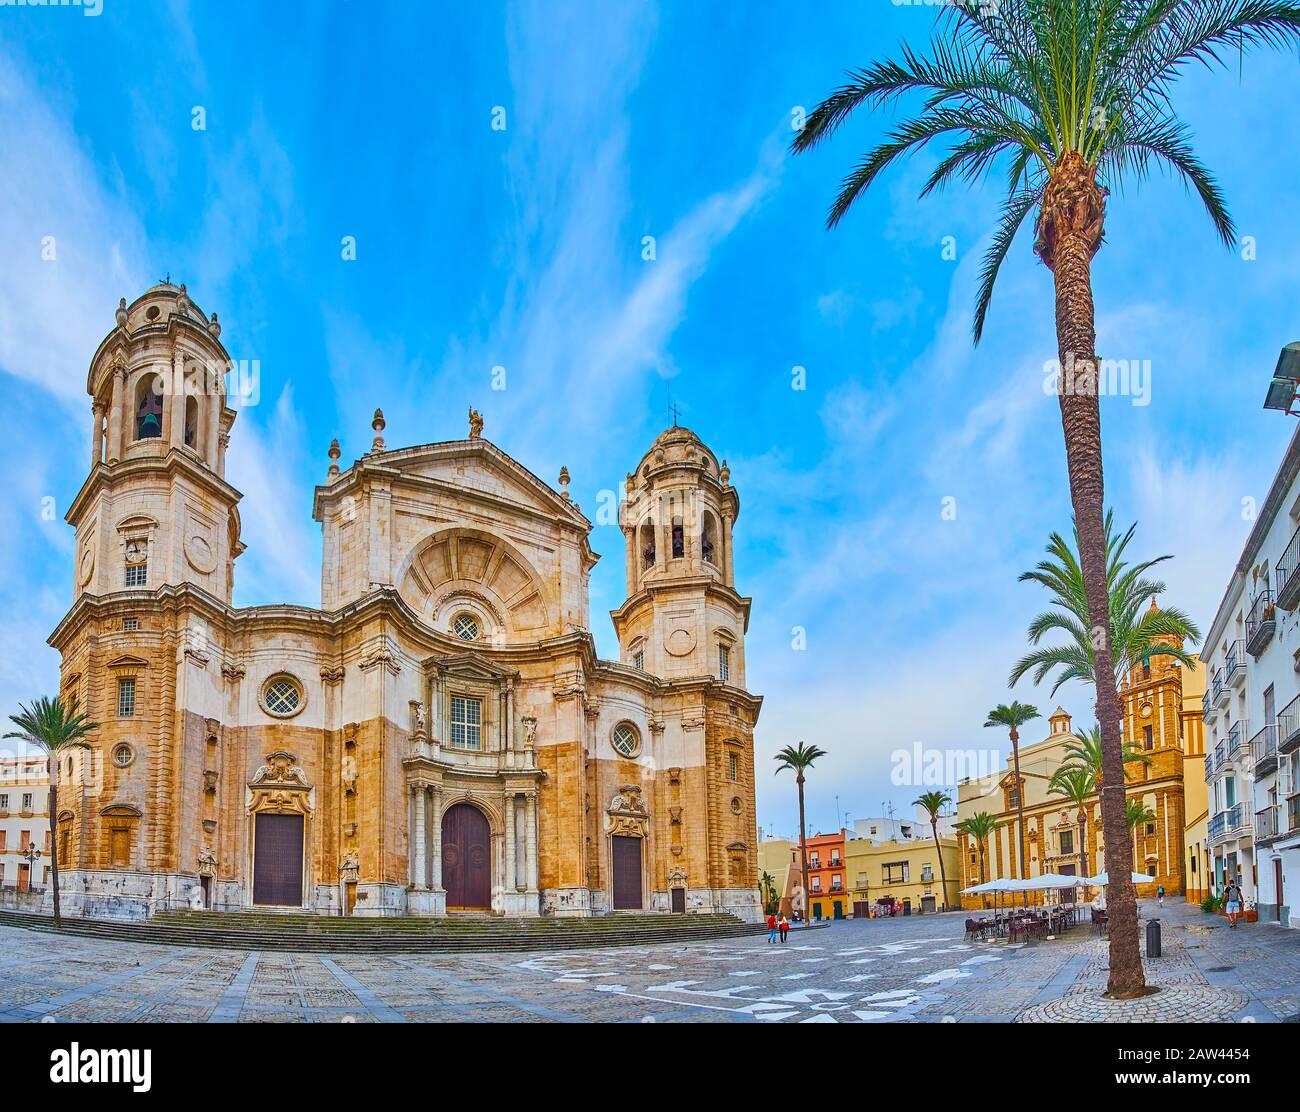 Panorama de la place de la cathédrale (Plaza de la Catedral) avec des monuments historiques tels que la cathédrale Cadix, l'église de Santiago Apostol et le townhou coloré Banque D'Images